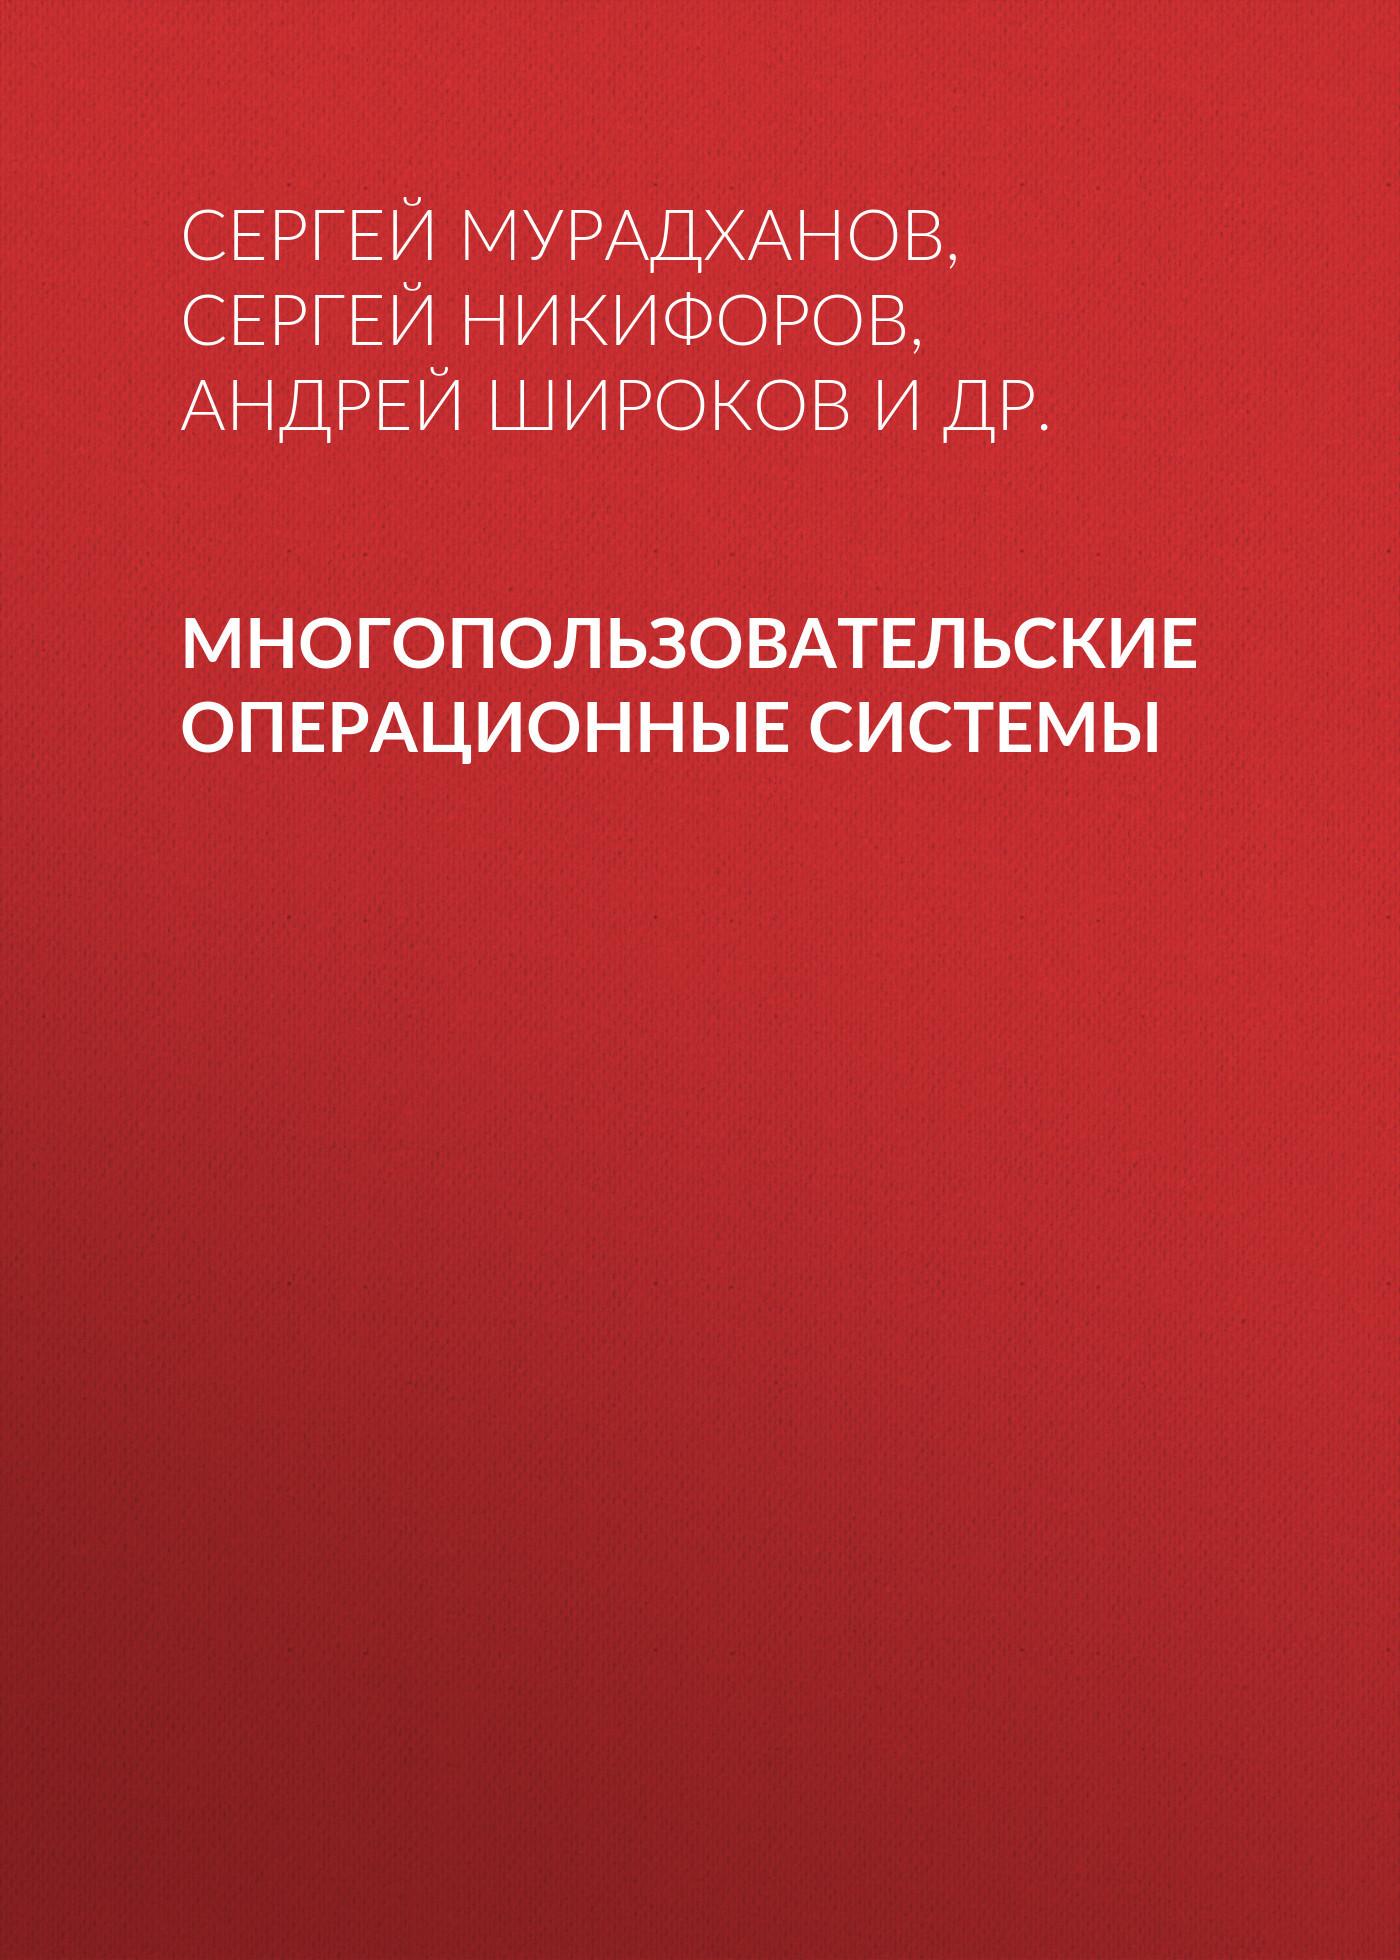 Андрей Широков Многопользовательские операционные системы